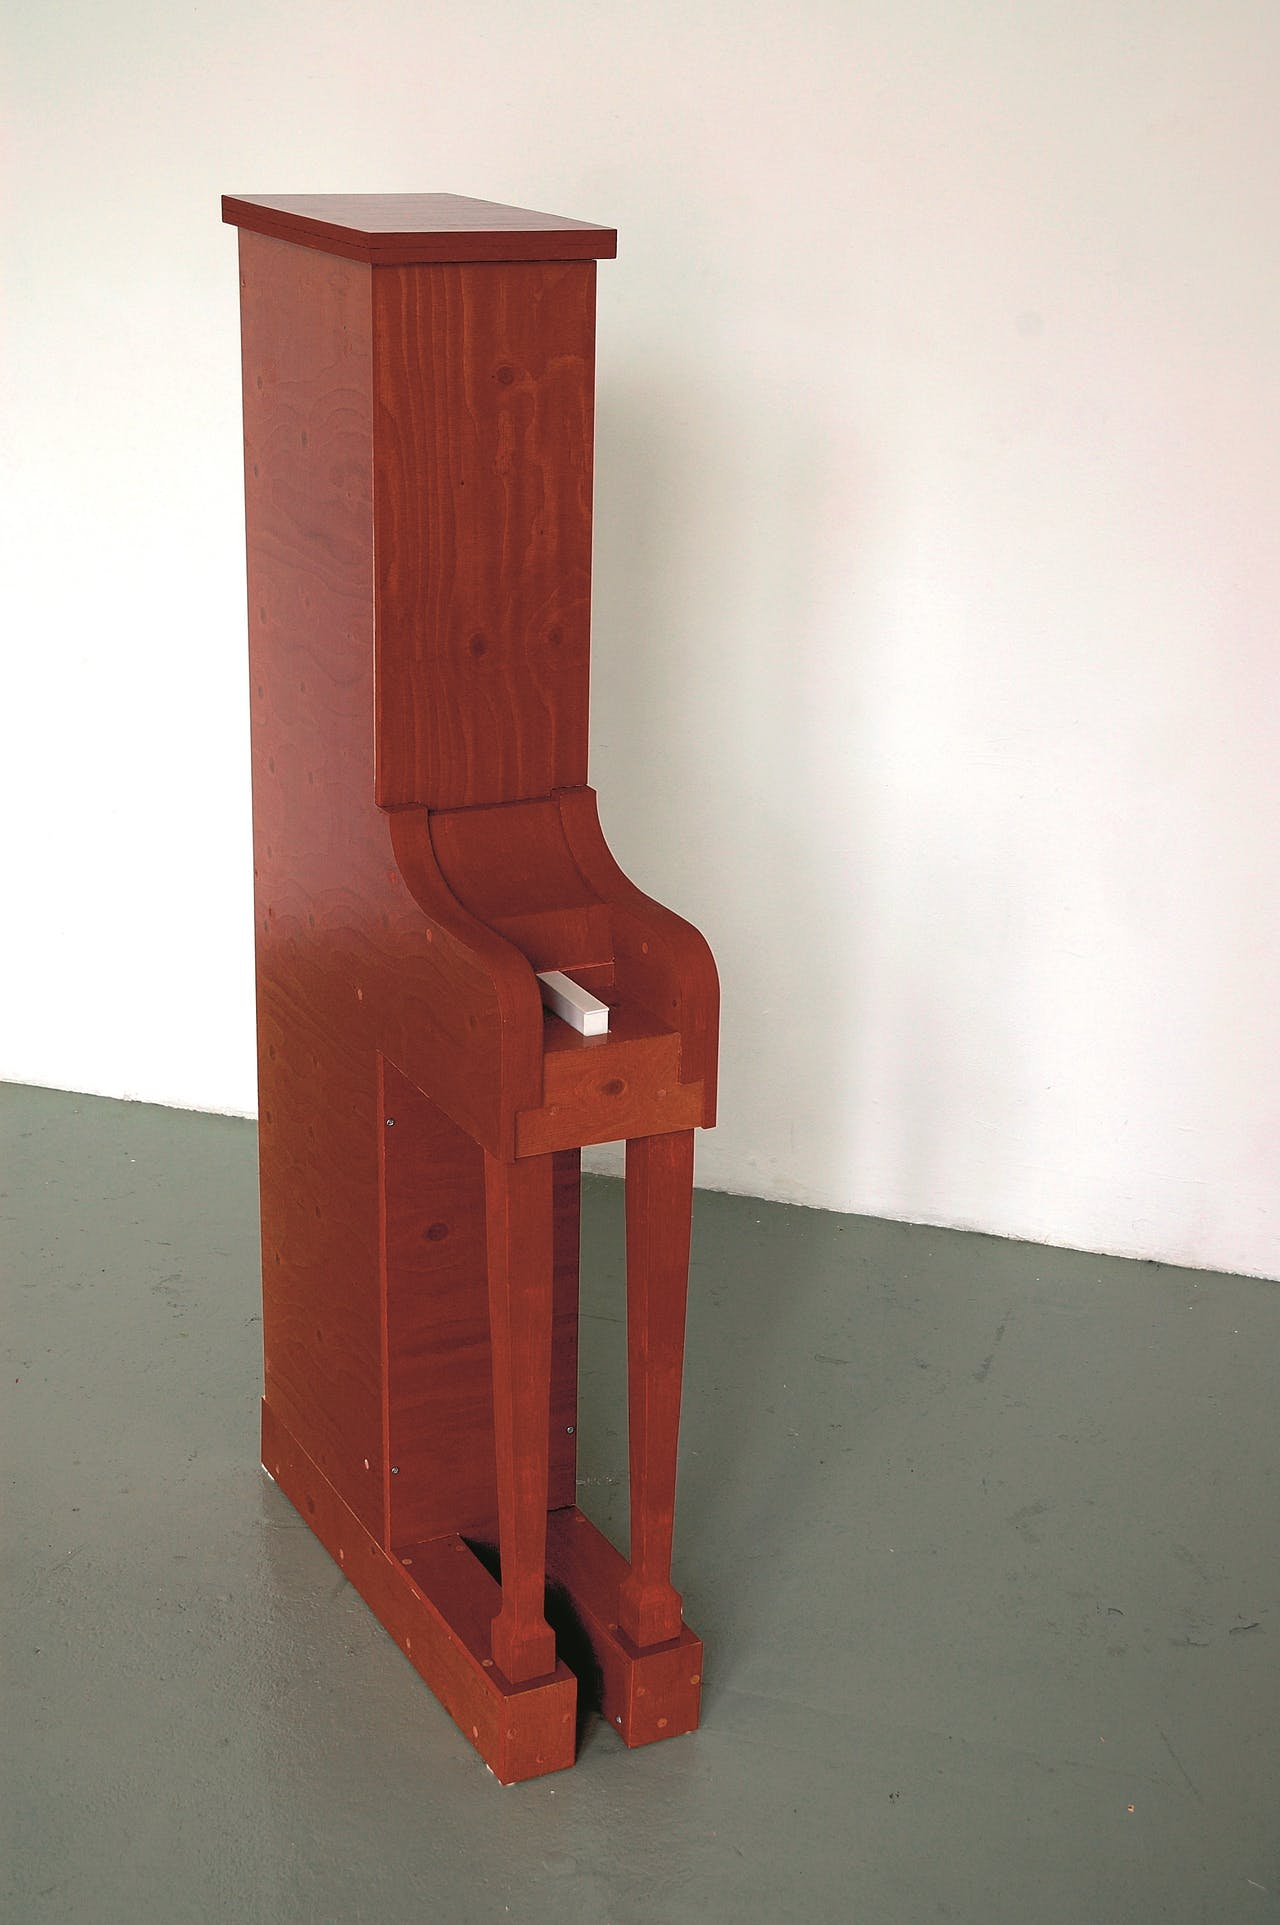 Piano met één toets, 2006, Jaap Kroneman.